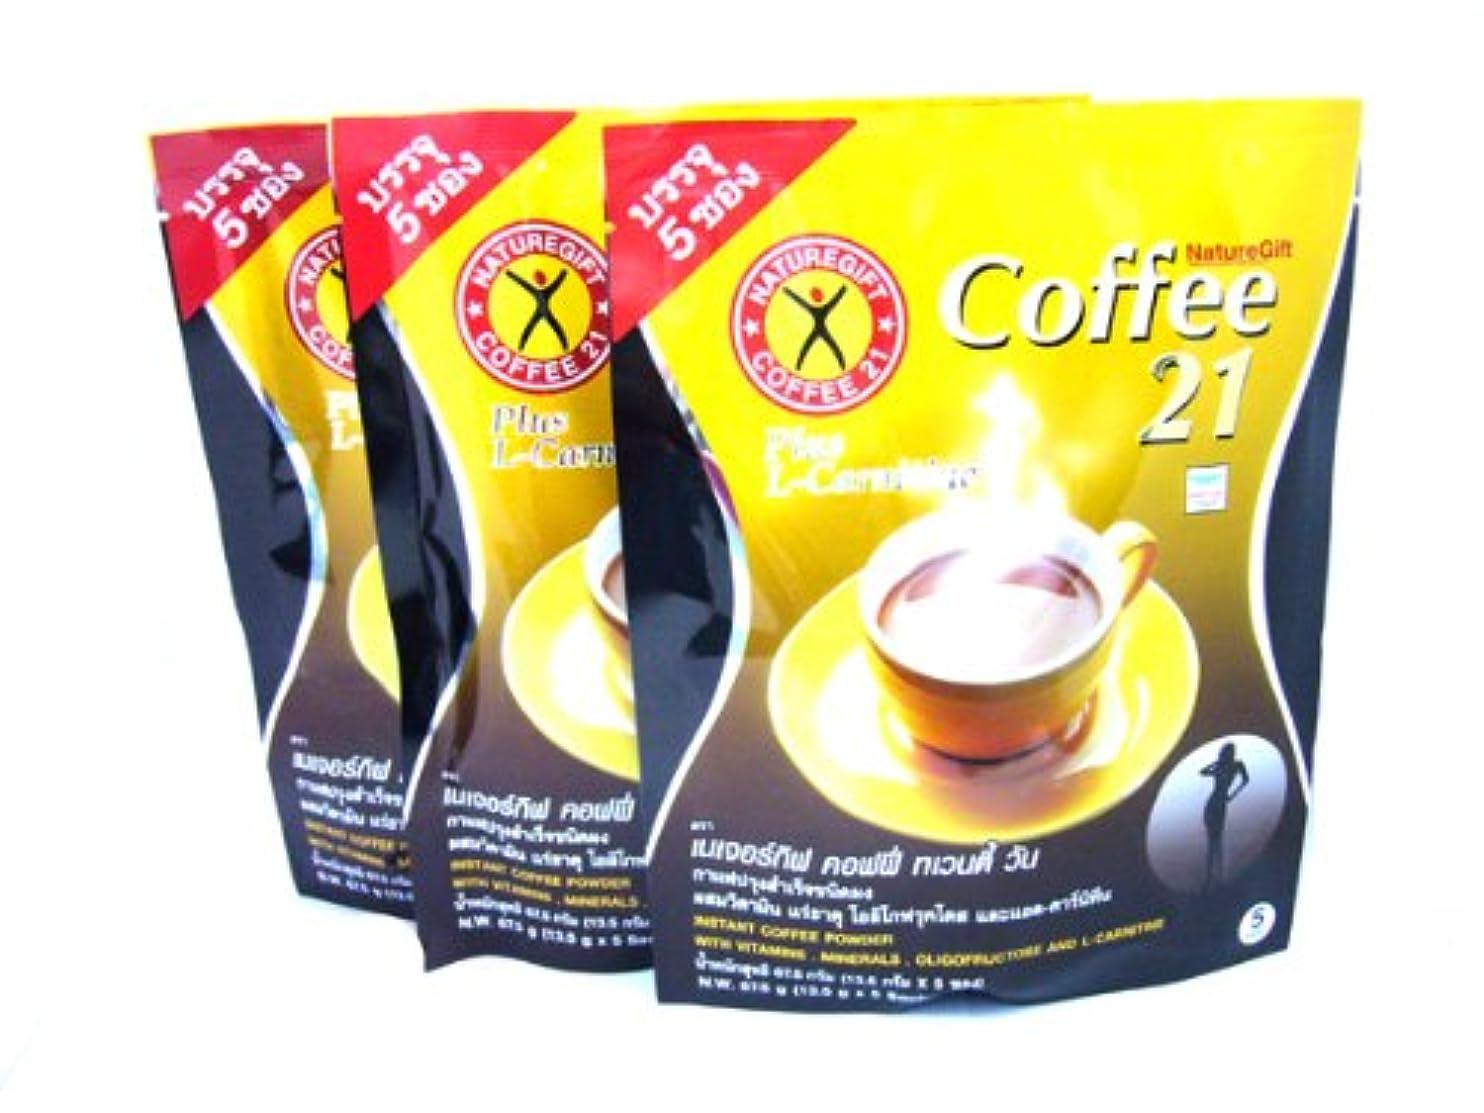 ペフ寓話縞模様の3x Naturegift Instant Coffee Mix 21 Plus L-carnitine Slimming Weight Loss Diet Made in Thailand by alanroger